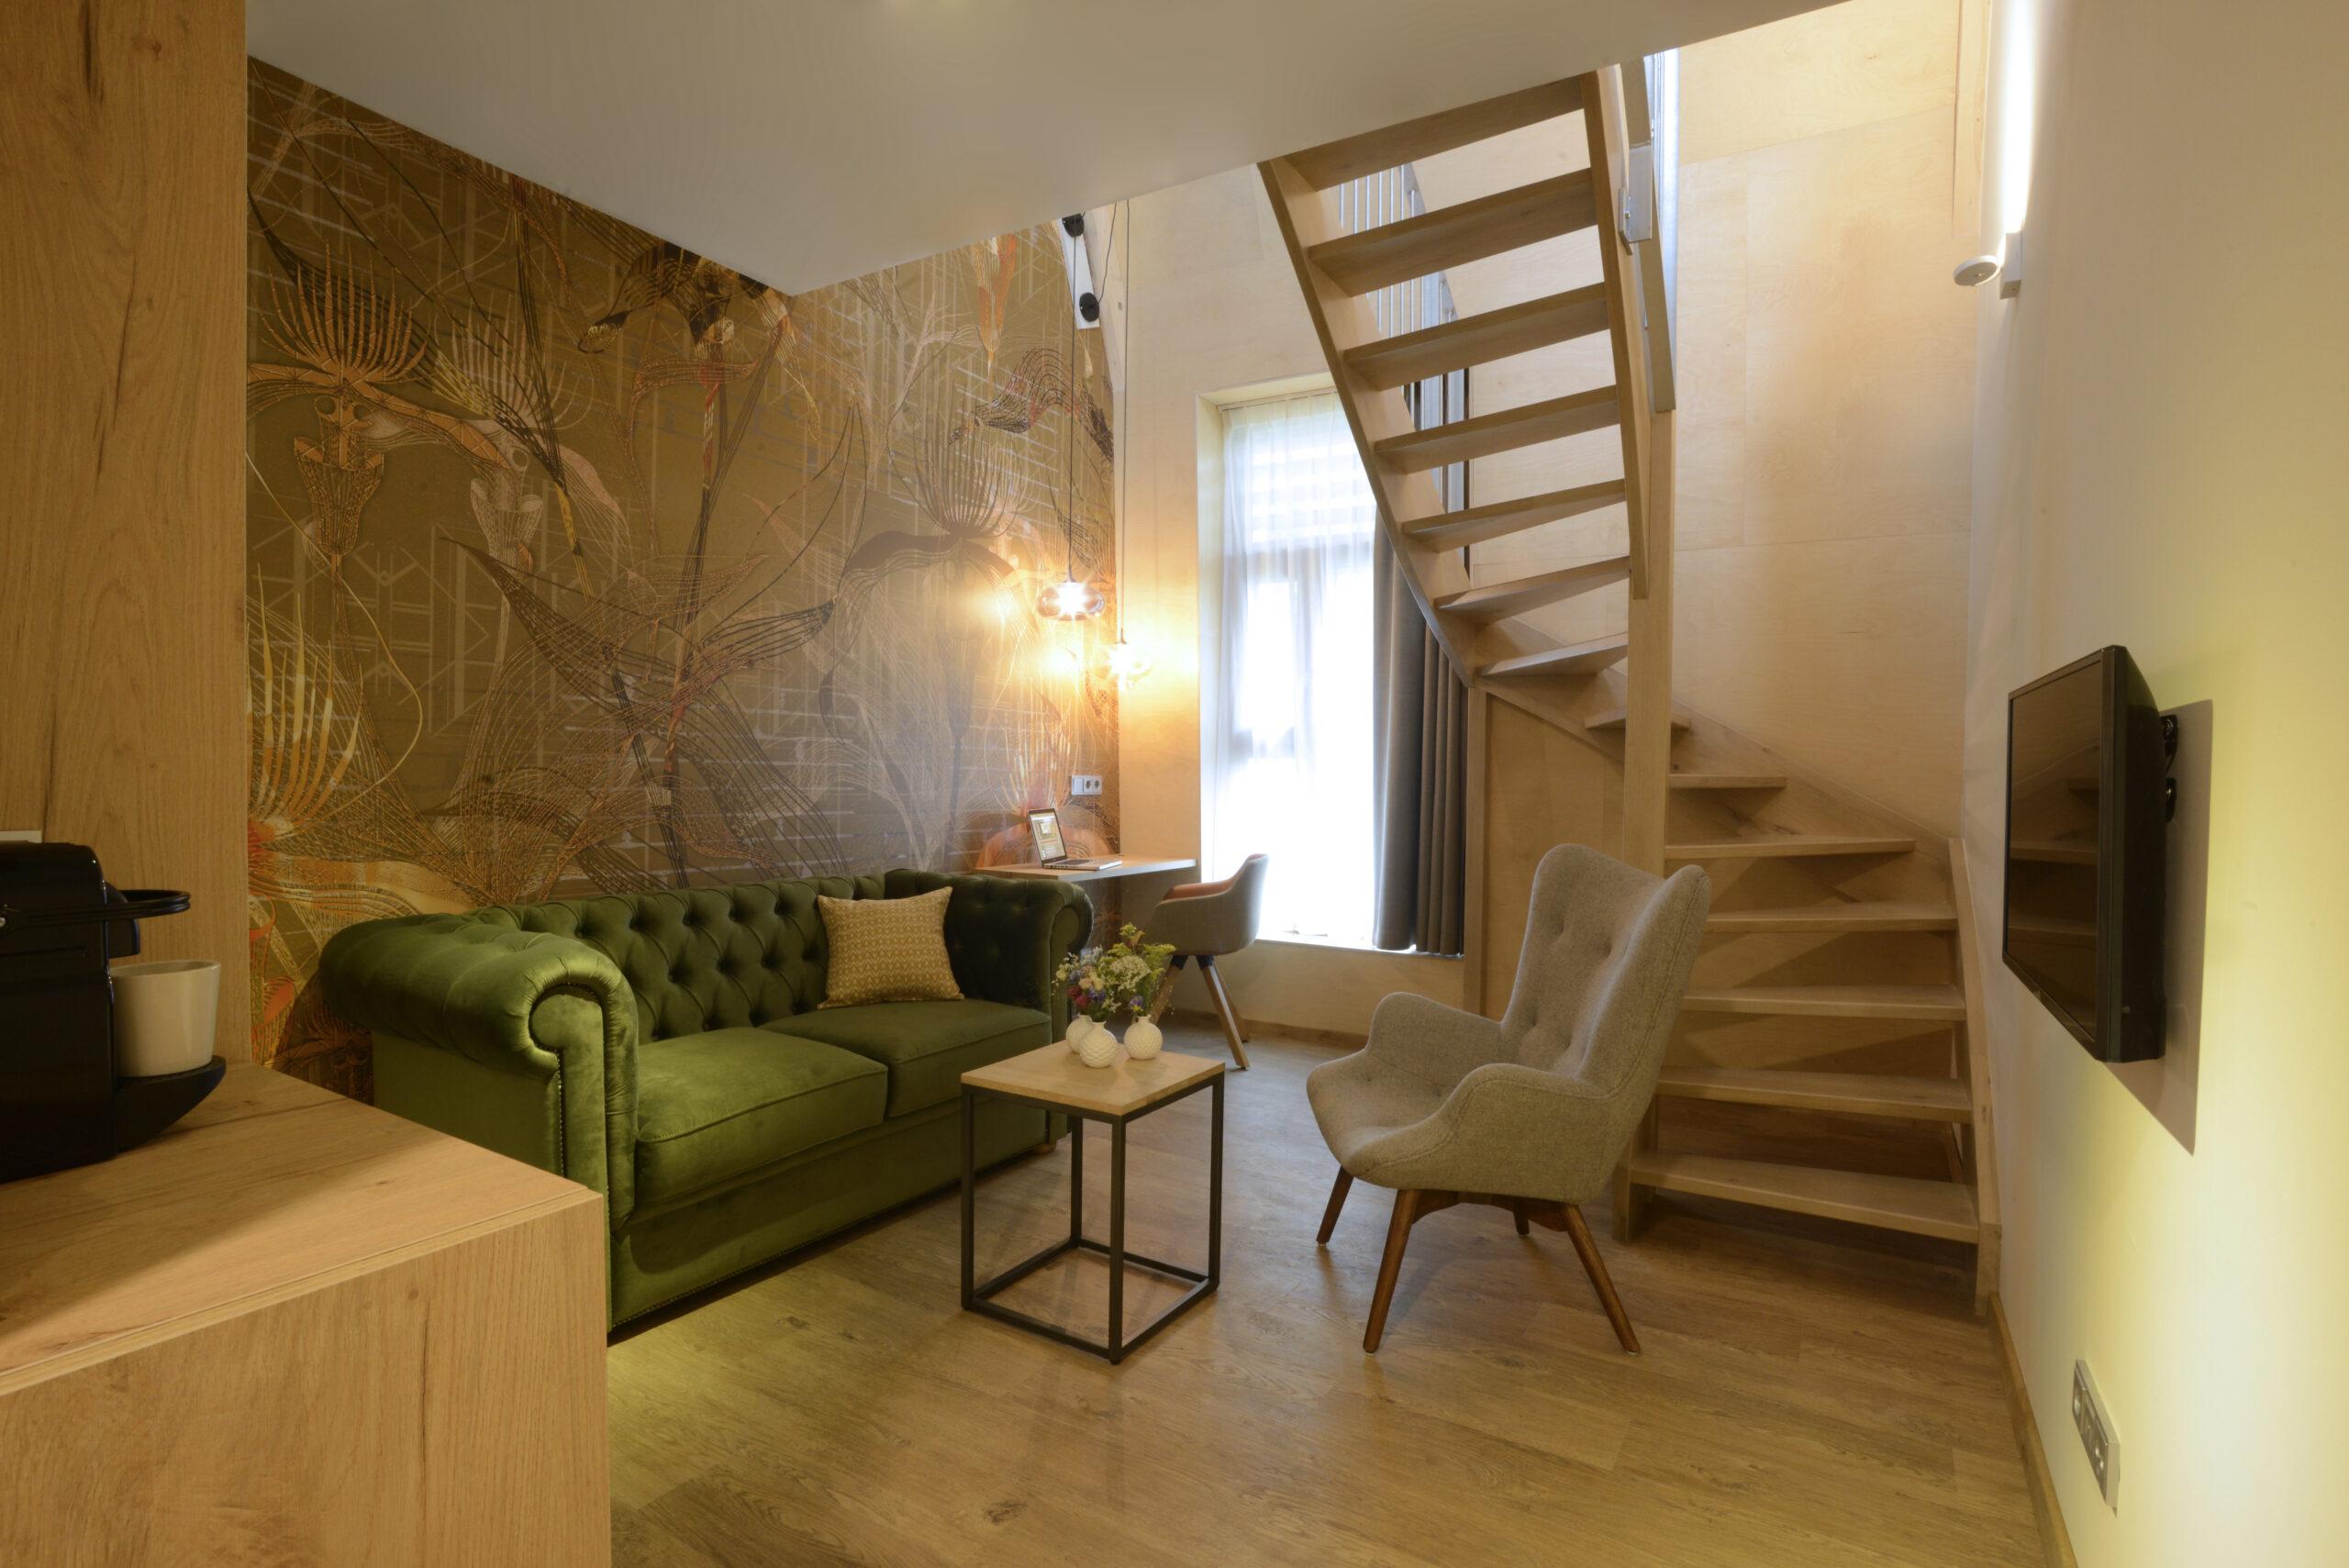 Landgoed Huize Bergen_junior entresol suite_zithoek beneden